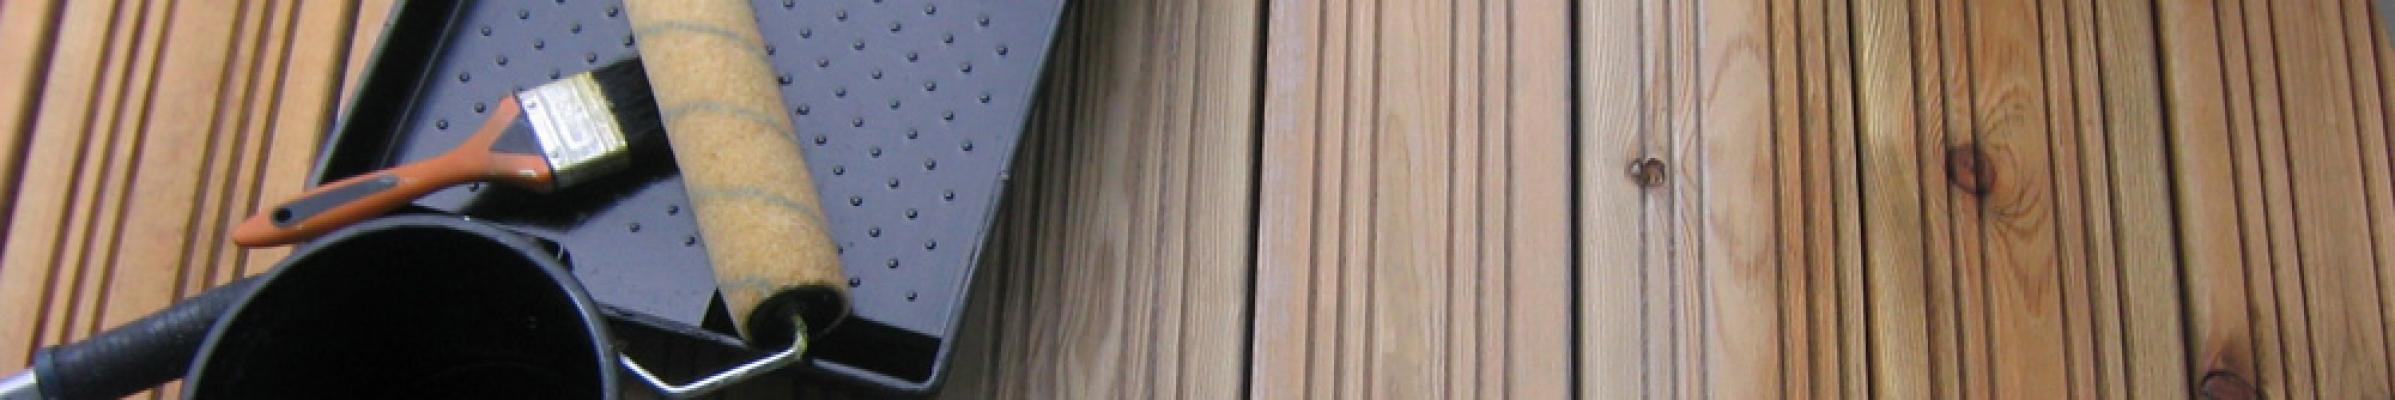 Pavimentazioni esterne in legno, by Onlywood